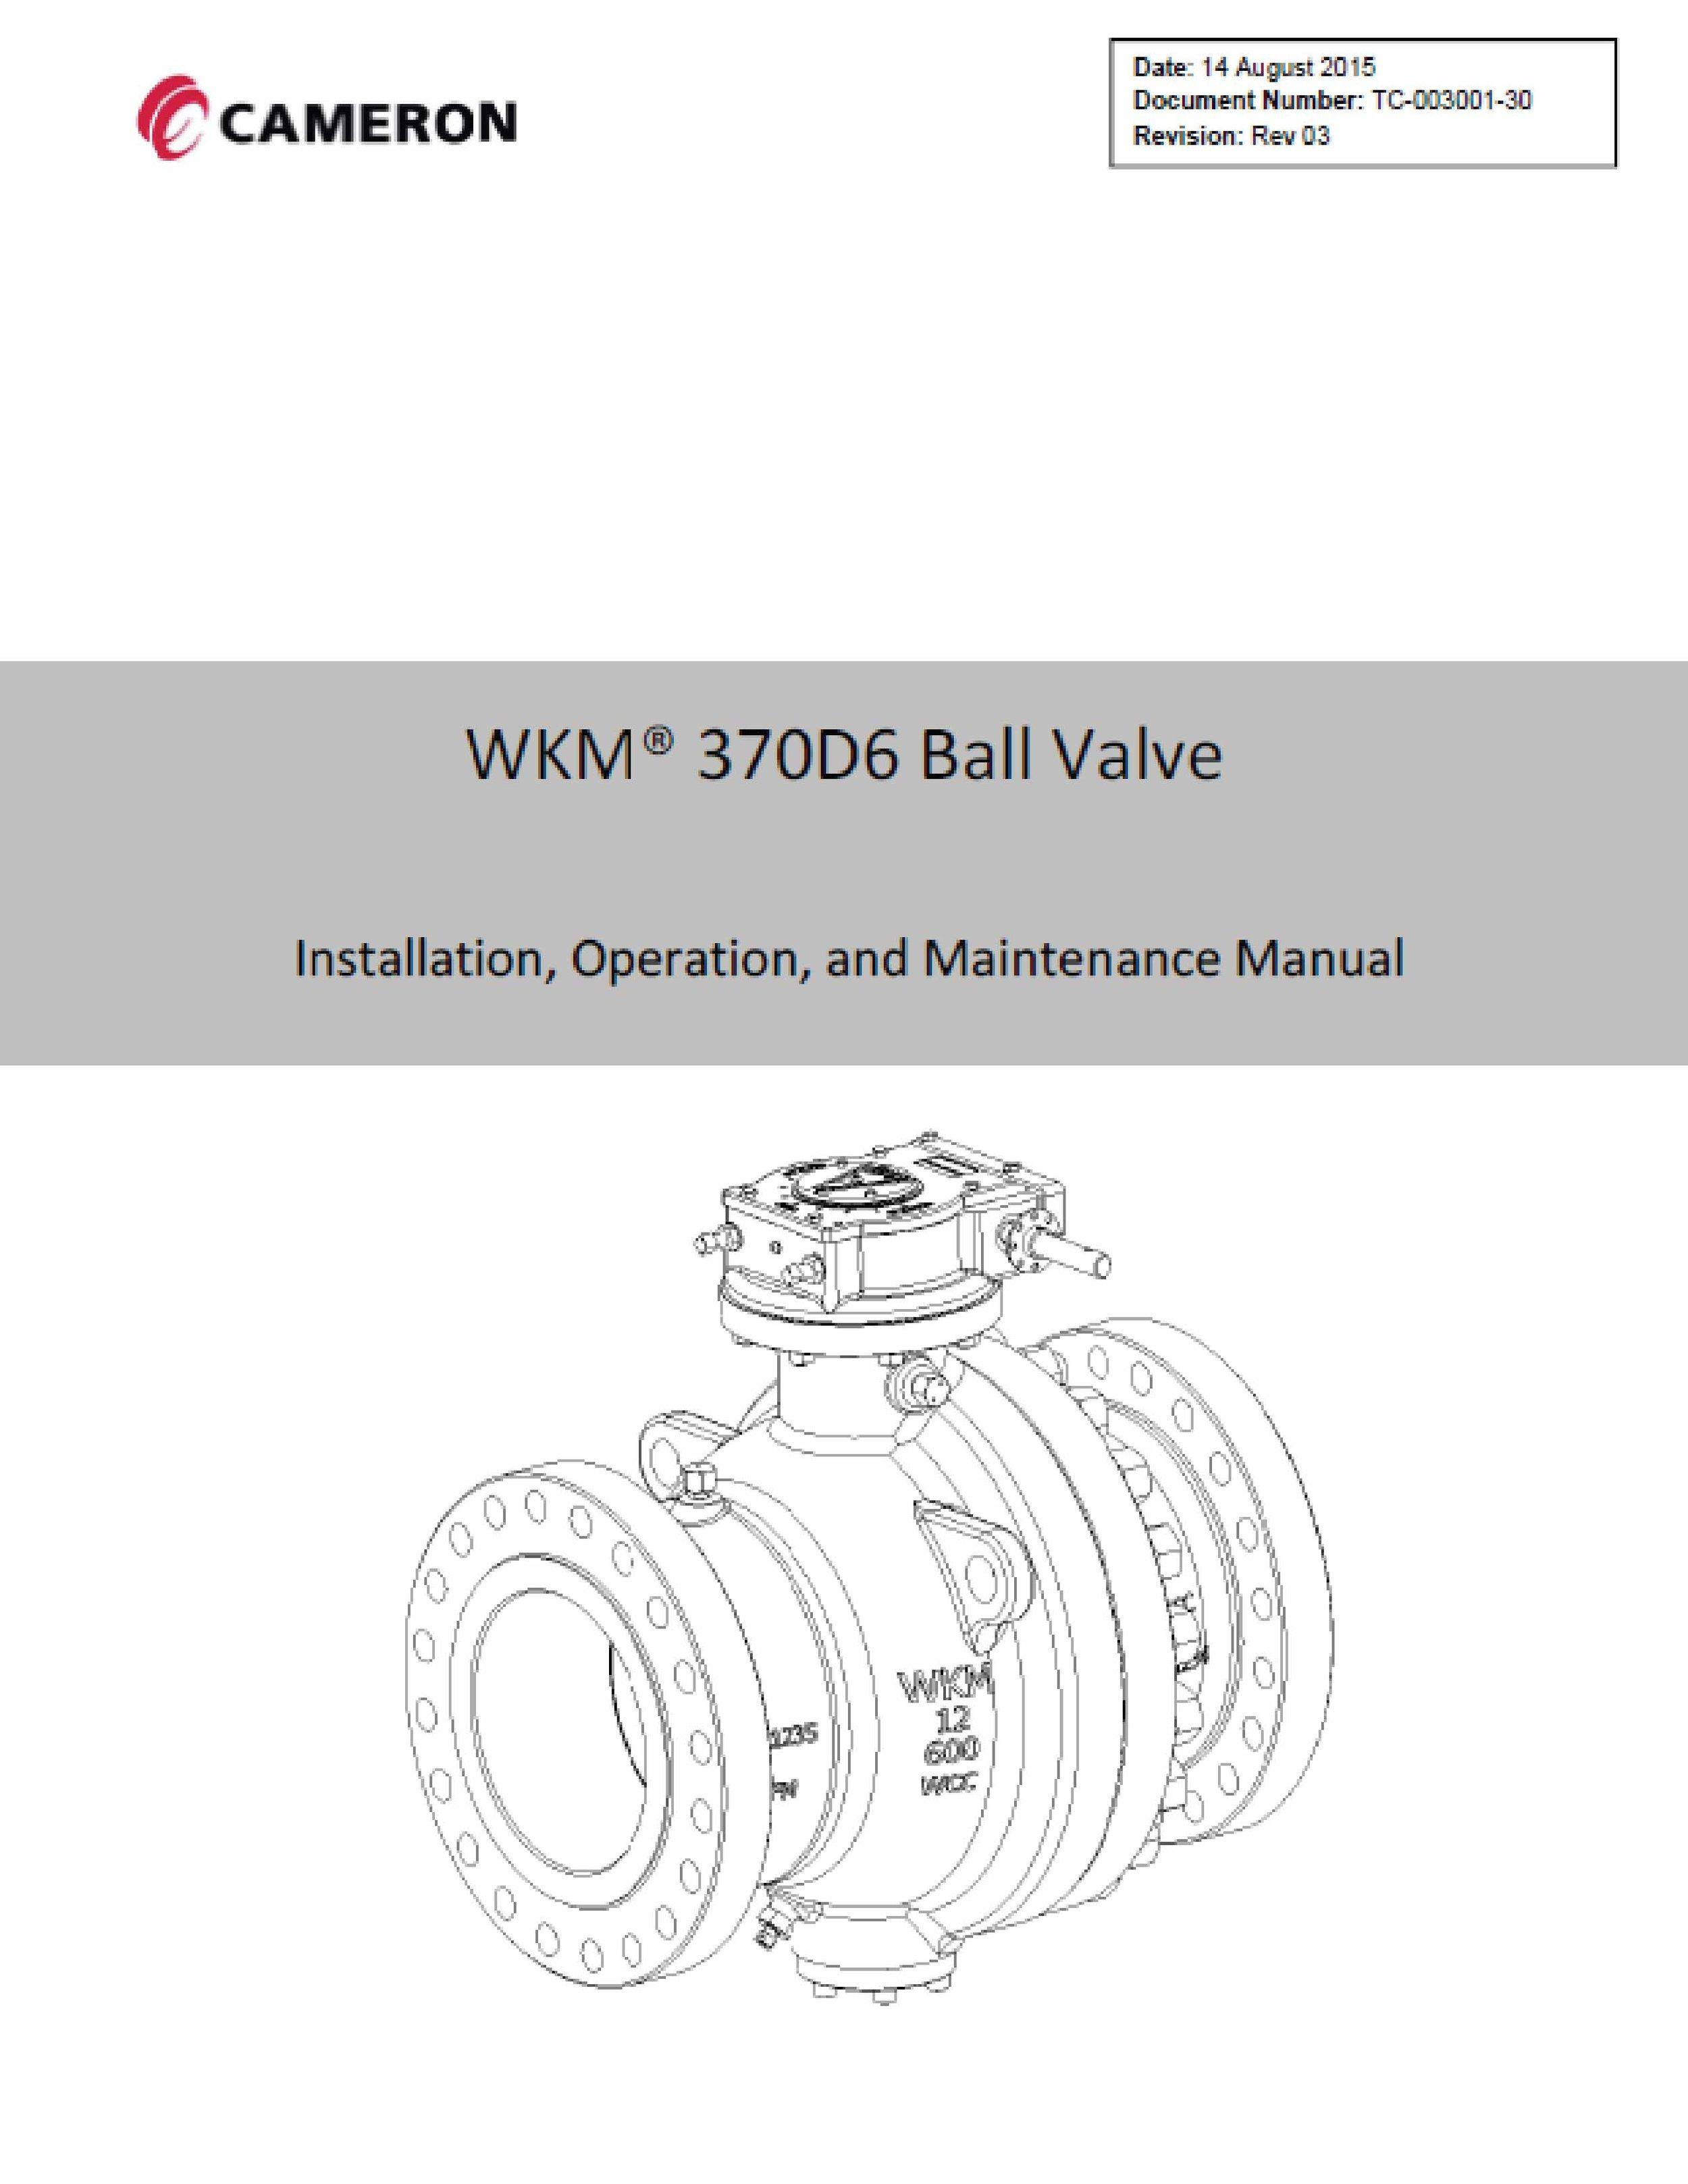 WKM_370d6-IOM-01.jpg